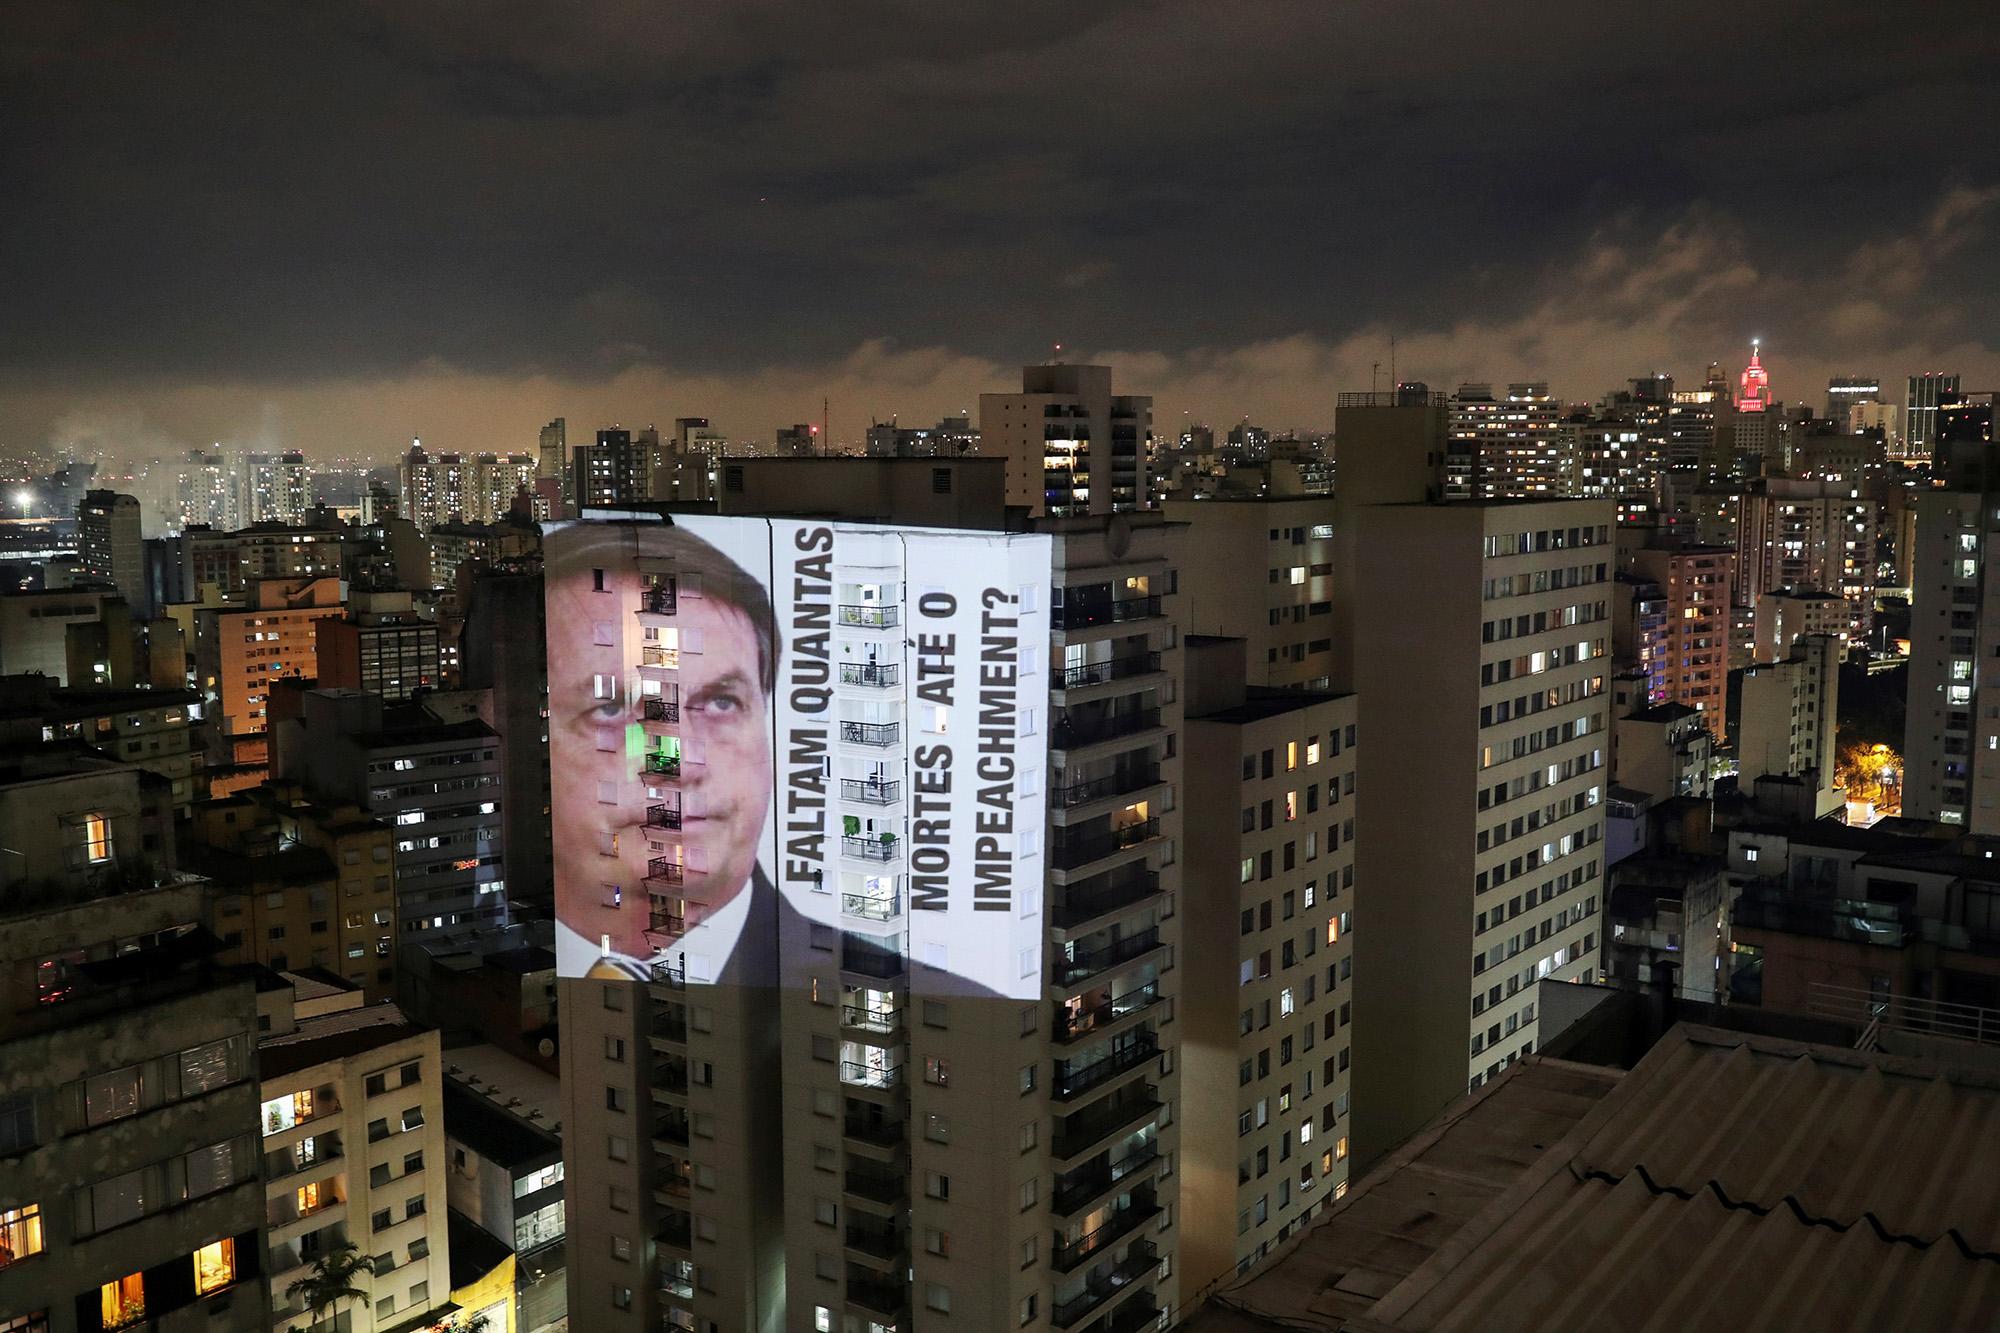 Фото президента Бразилии Жаира Болсонару сподписью «Сколько смертей доимпичмента?», спроецированное наздание во время протеста против его политики вотношении коронавируса икризиса здравоохранения, Сан-Паулу , Бразилия, 15 января 2021 г.